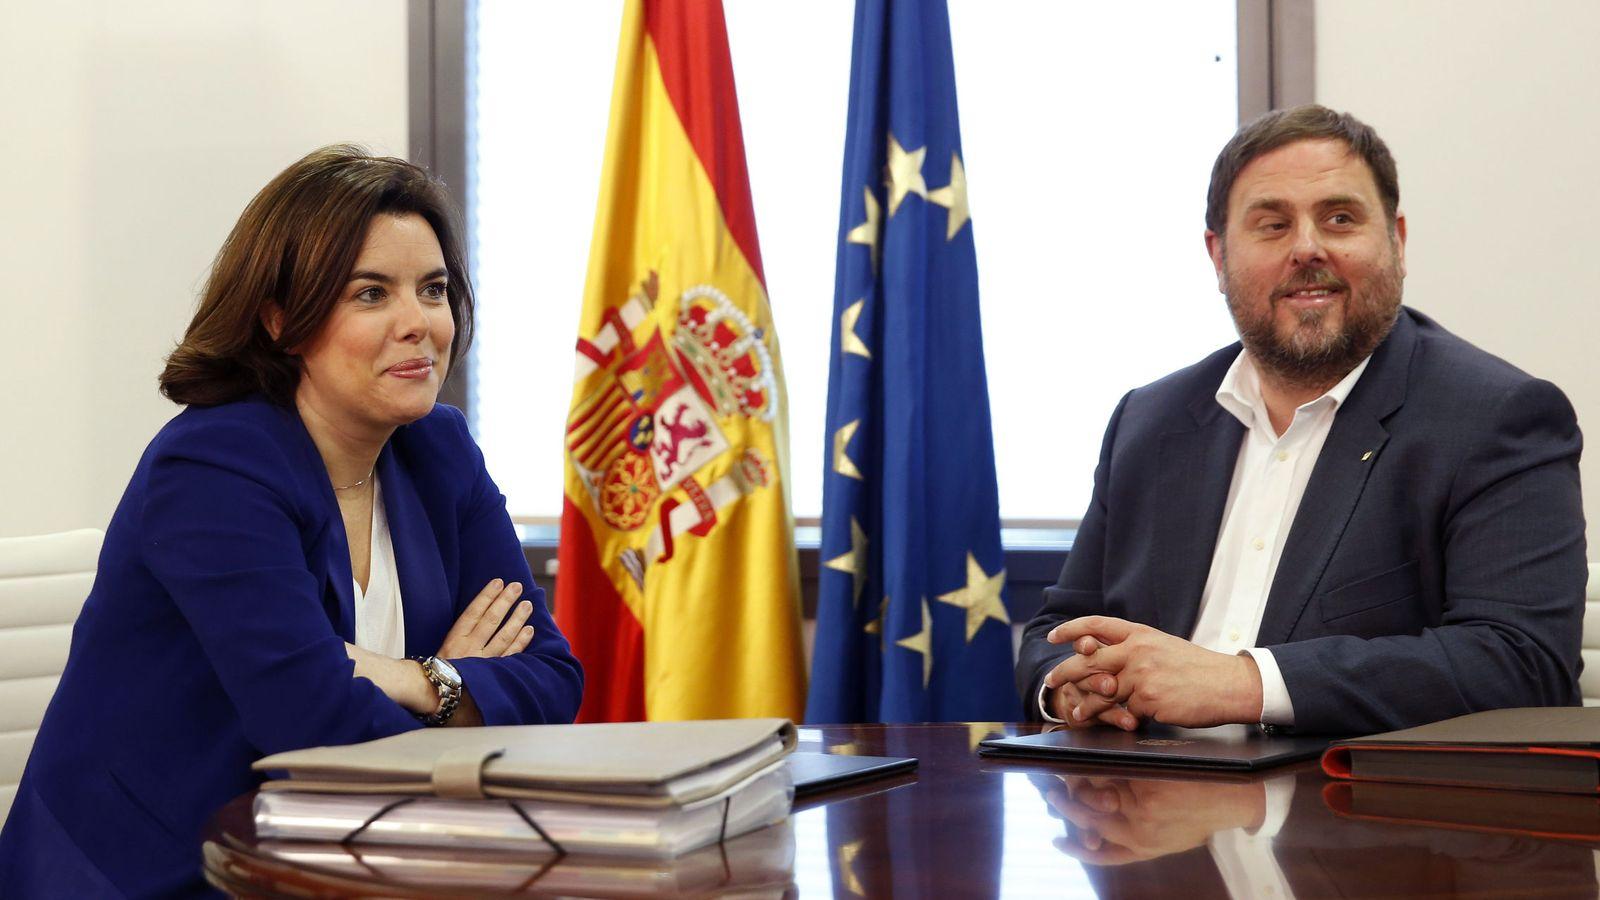 Foto: La vicepresidenta del Gobierno, Soraya Sáenz de Santamaría, junto al dirigente catalán Oriol Junqueras. (EFE)